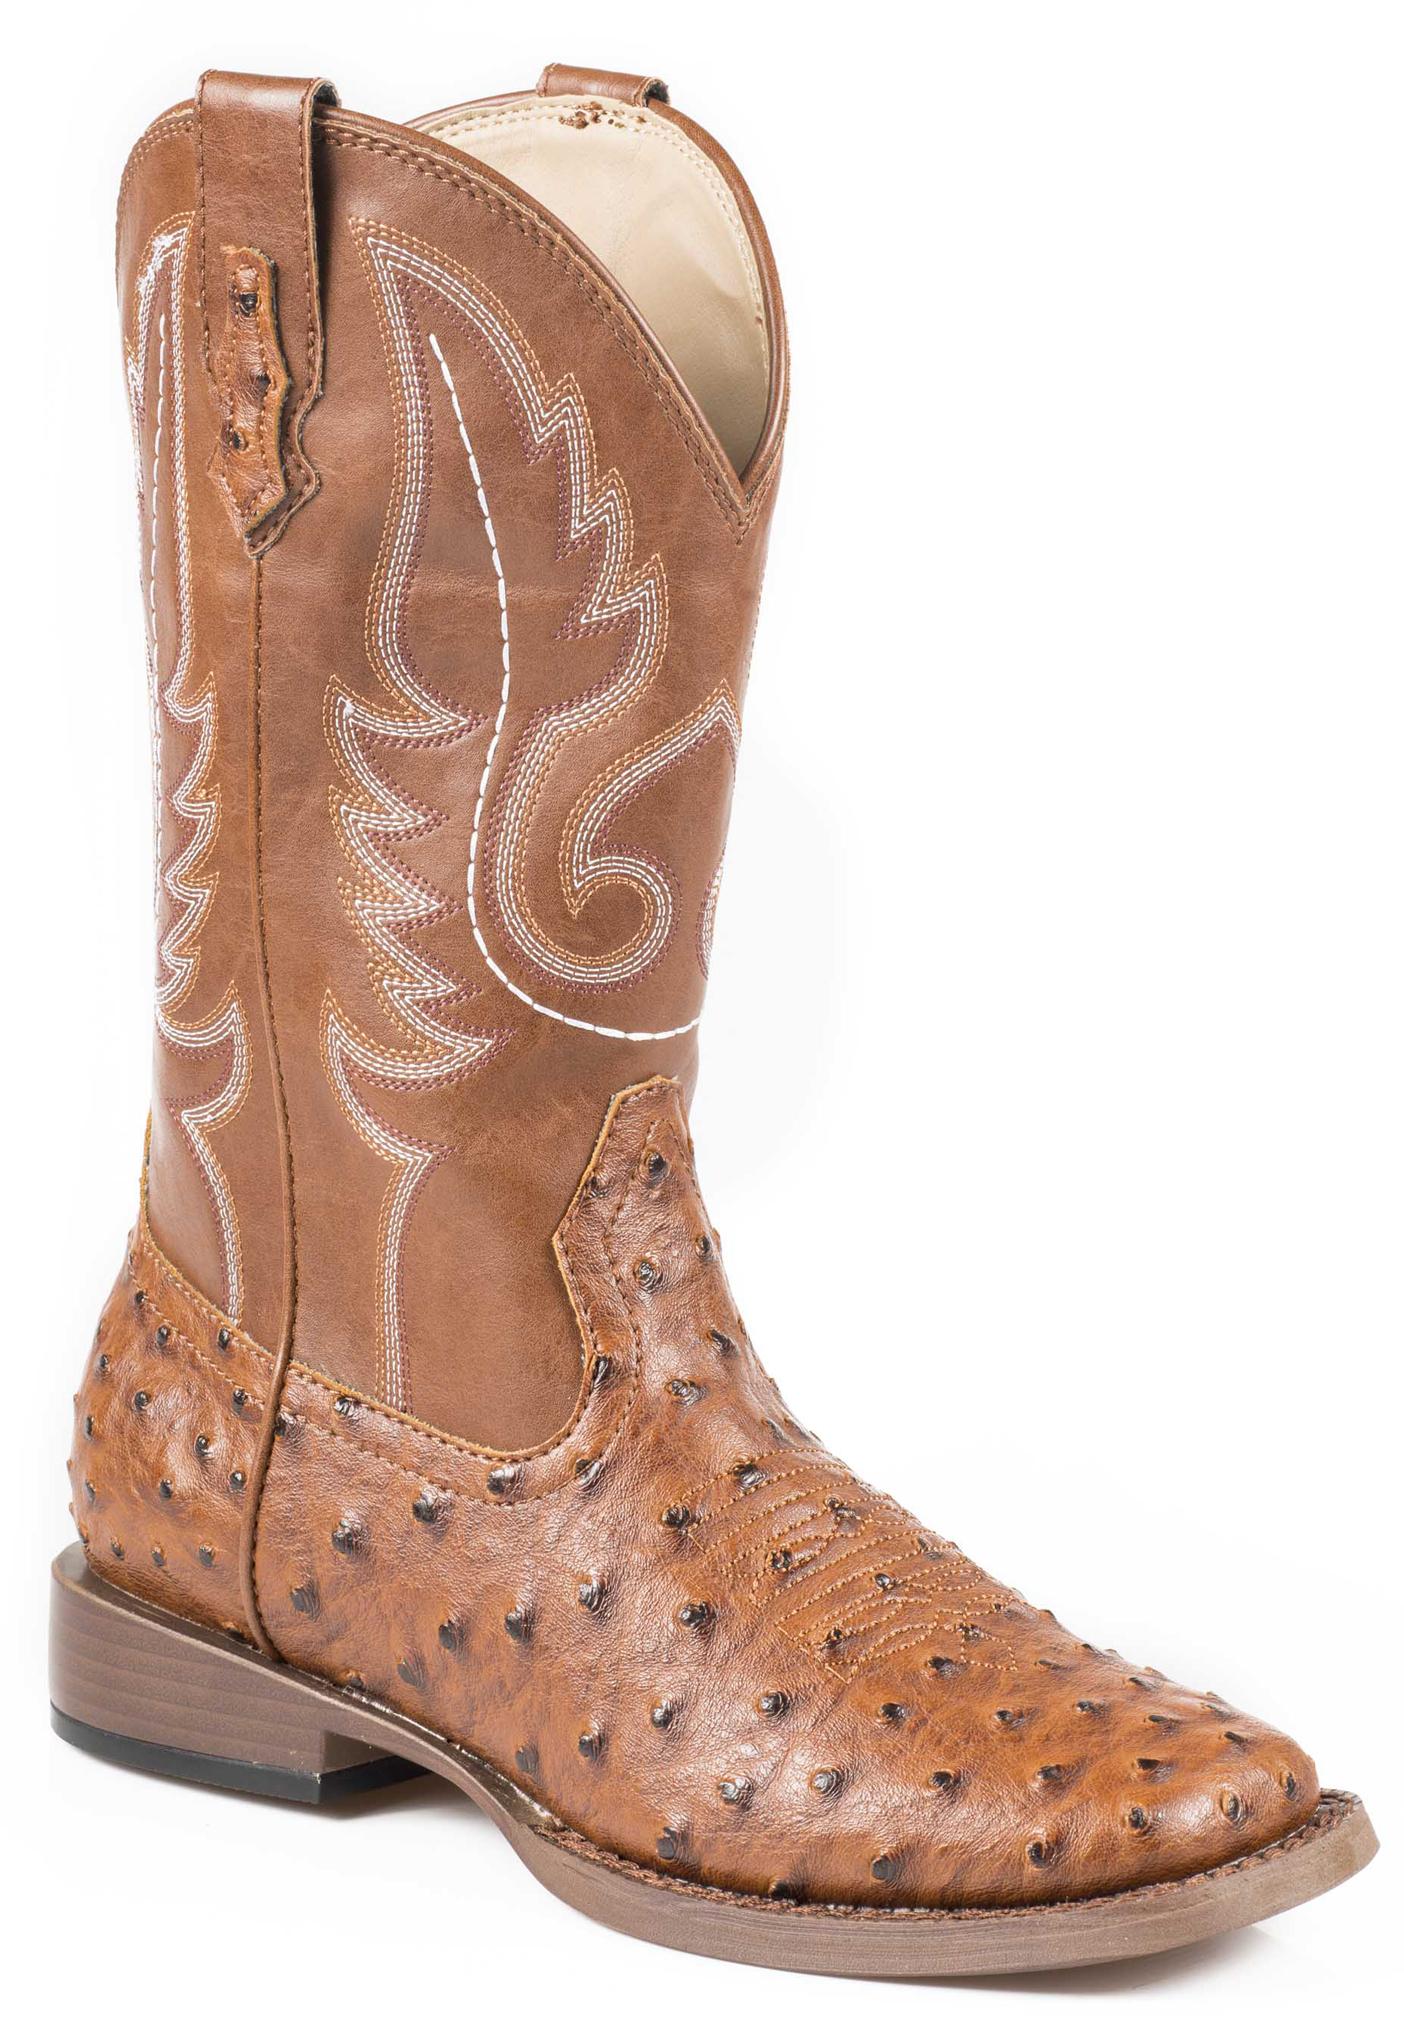 Roper Faux Ostrich Cowboy Boots - Square Toe, Tan, hi-res